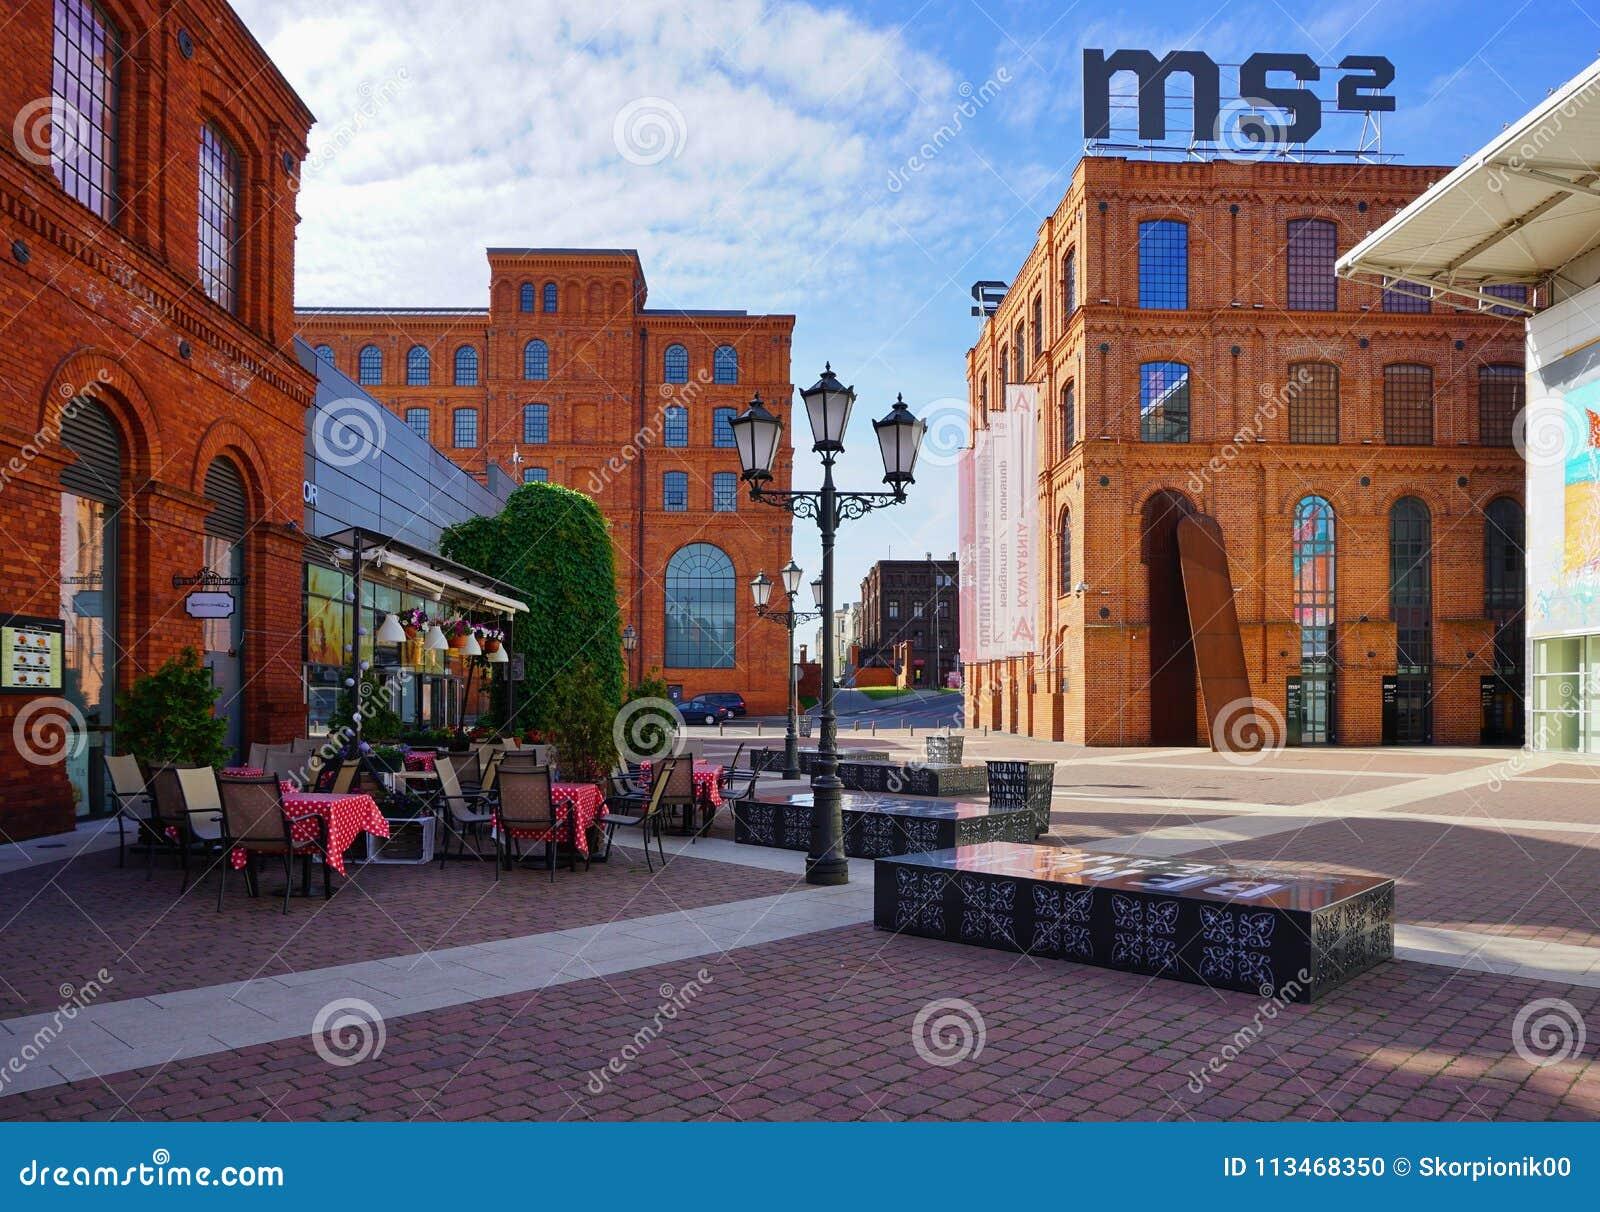 Το Manufaktura, τέχνες στρέφεται, λεωφόρος αγορών, και ελεύθερος χρόνος σύνθετος στο Λοντζ, Πολωνία